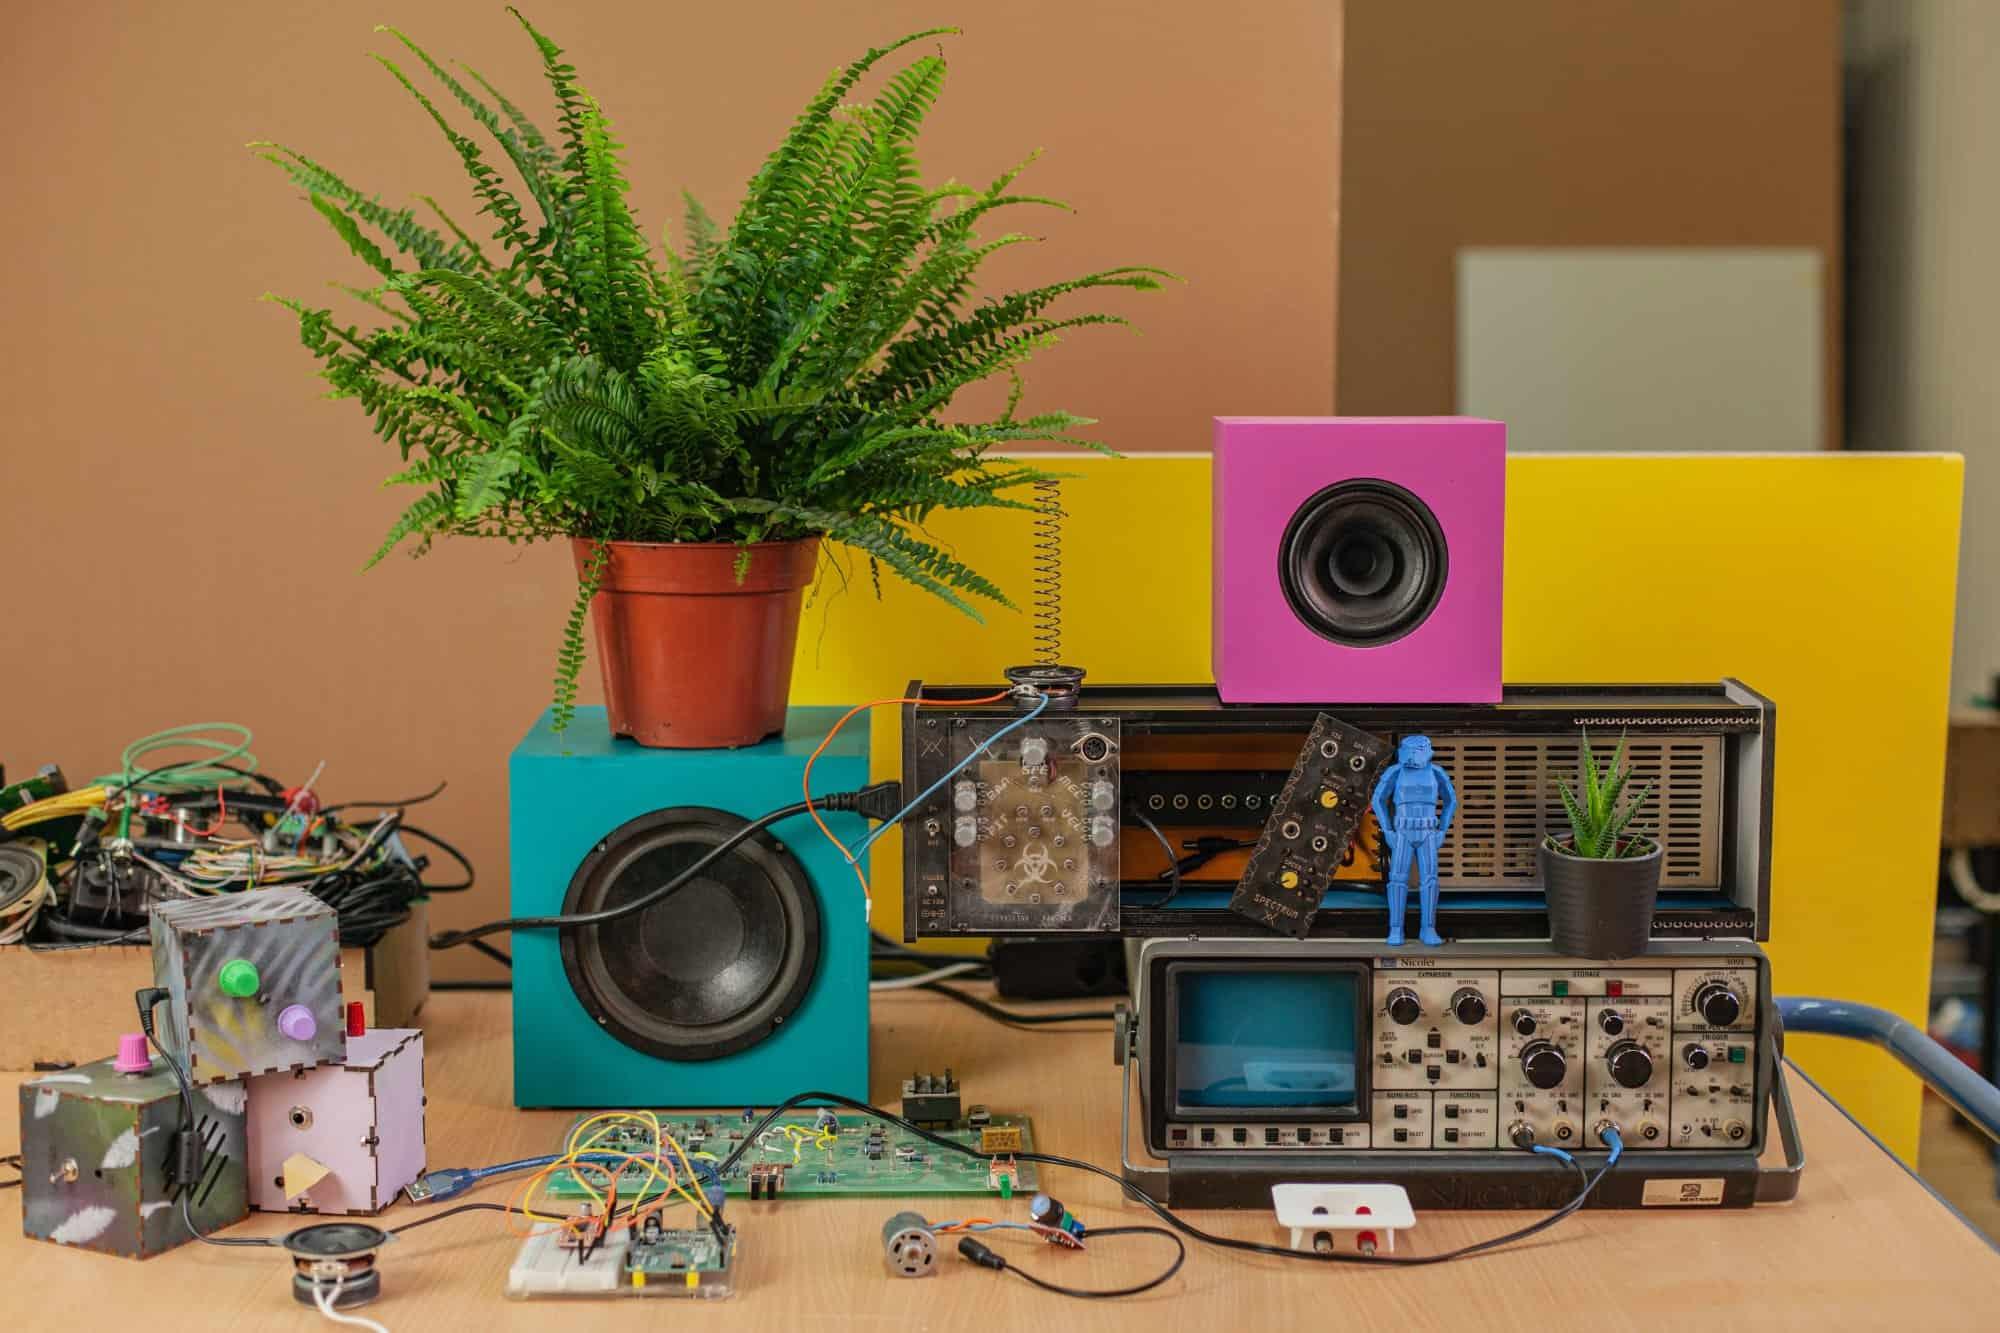 Sprzedaję projekty DIY – a jak to wygląda od strony prawnej? - #1 Podstawy – Czy mogę sprzedawać projekty DIY?